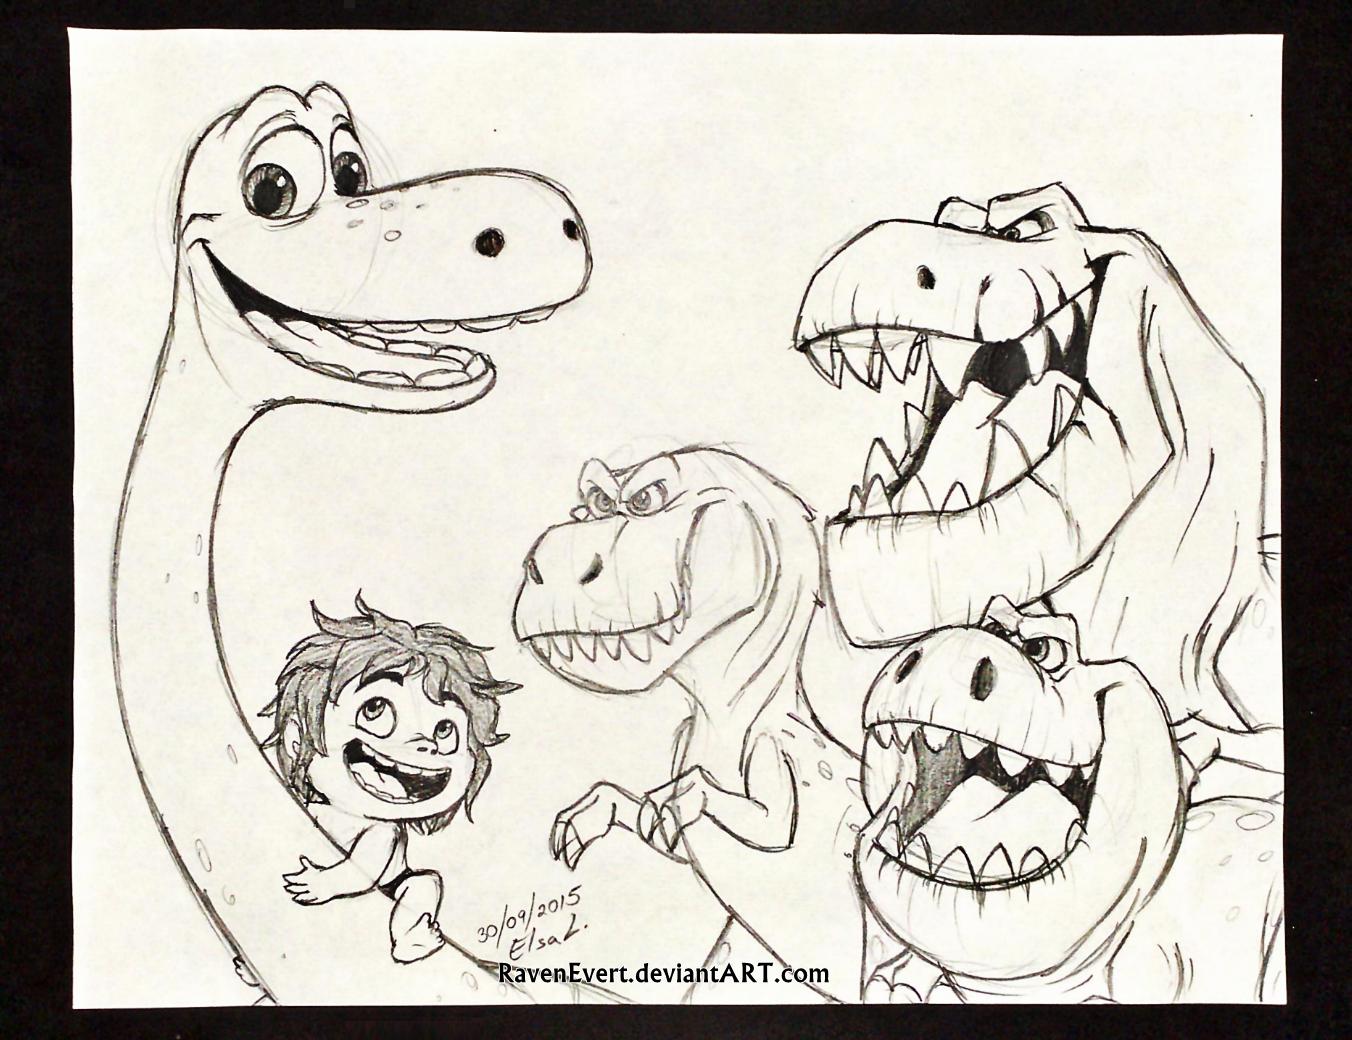 1352x1040 The Good Dinosaur